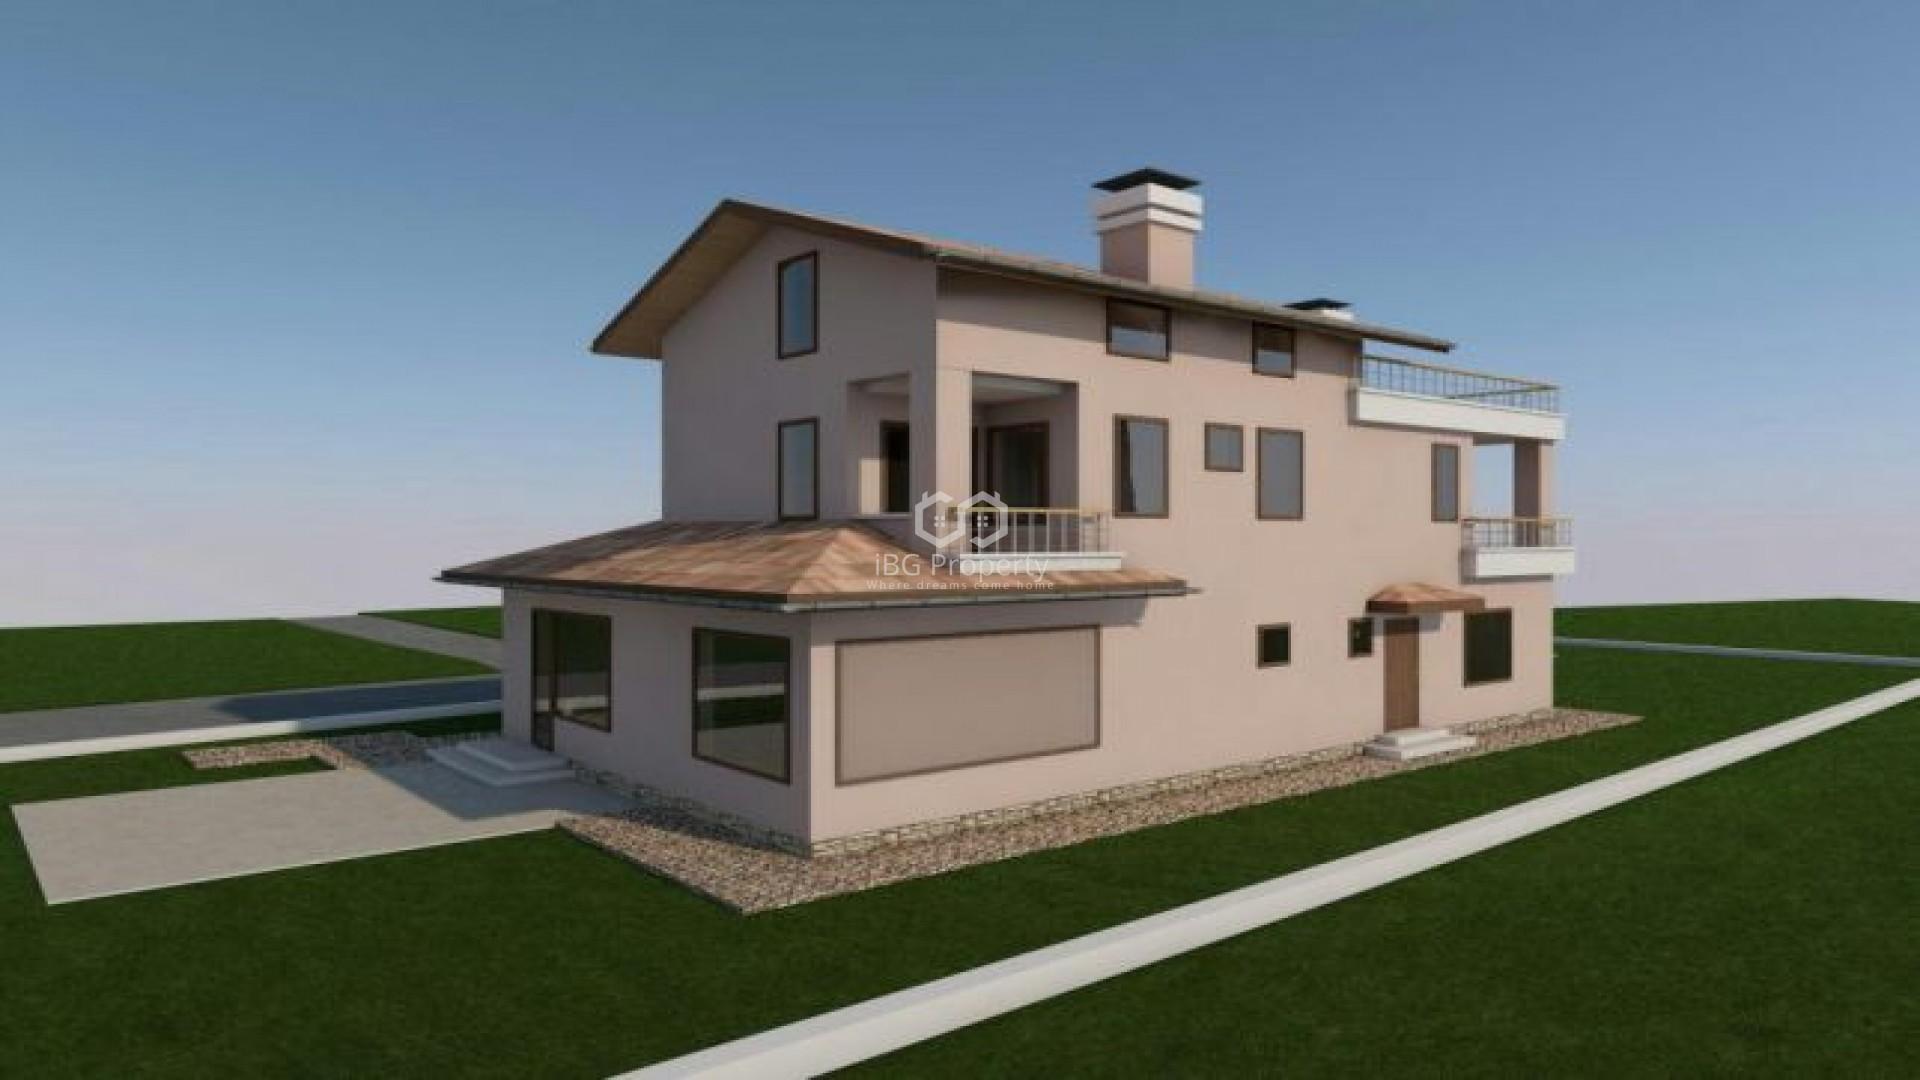 Къща Боровец Варна 243 m2